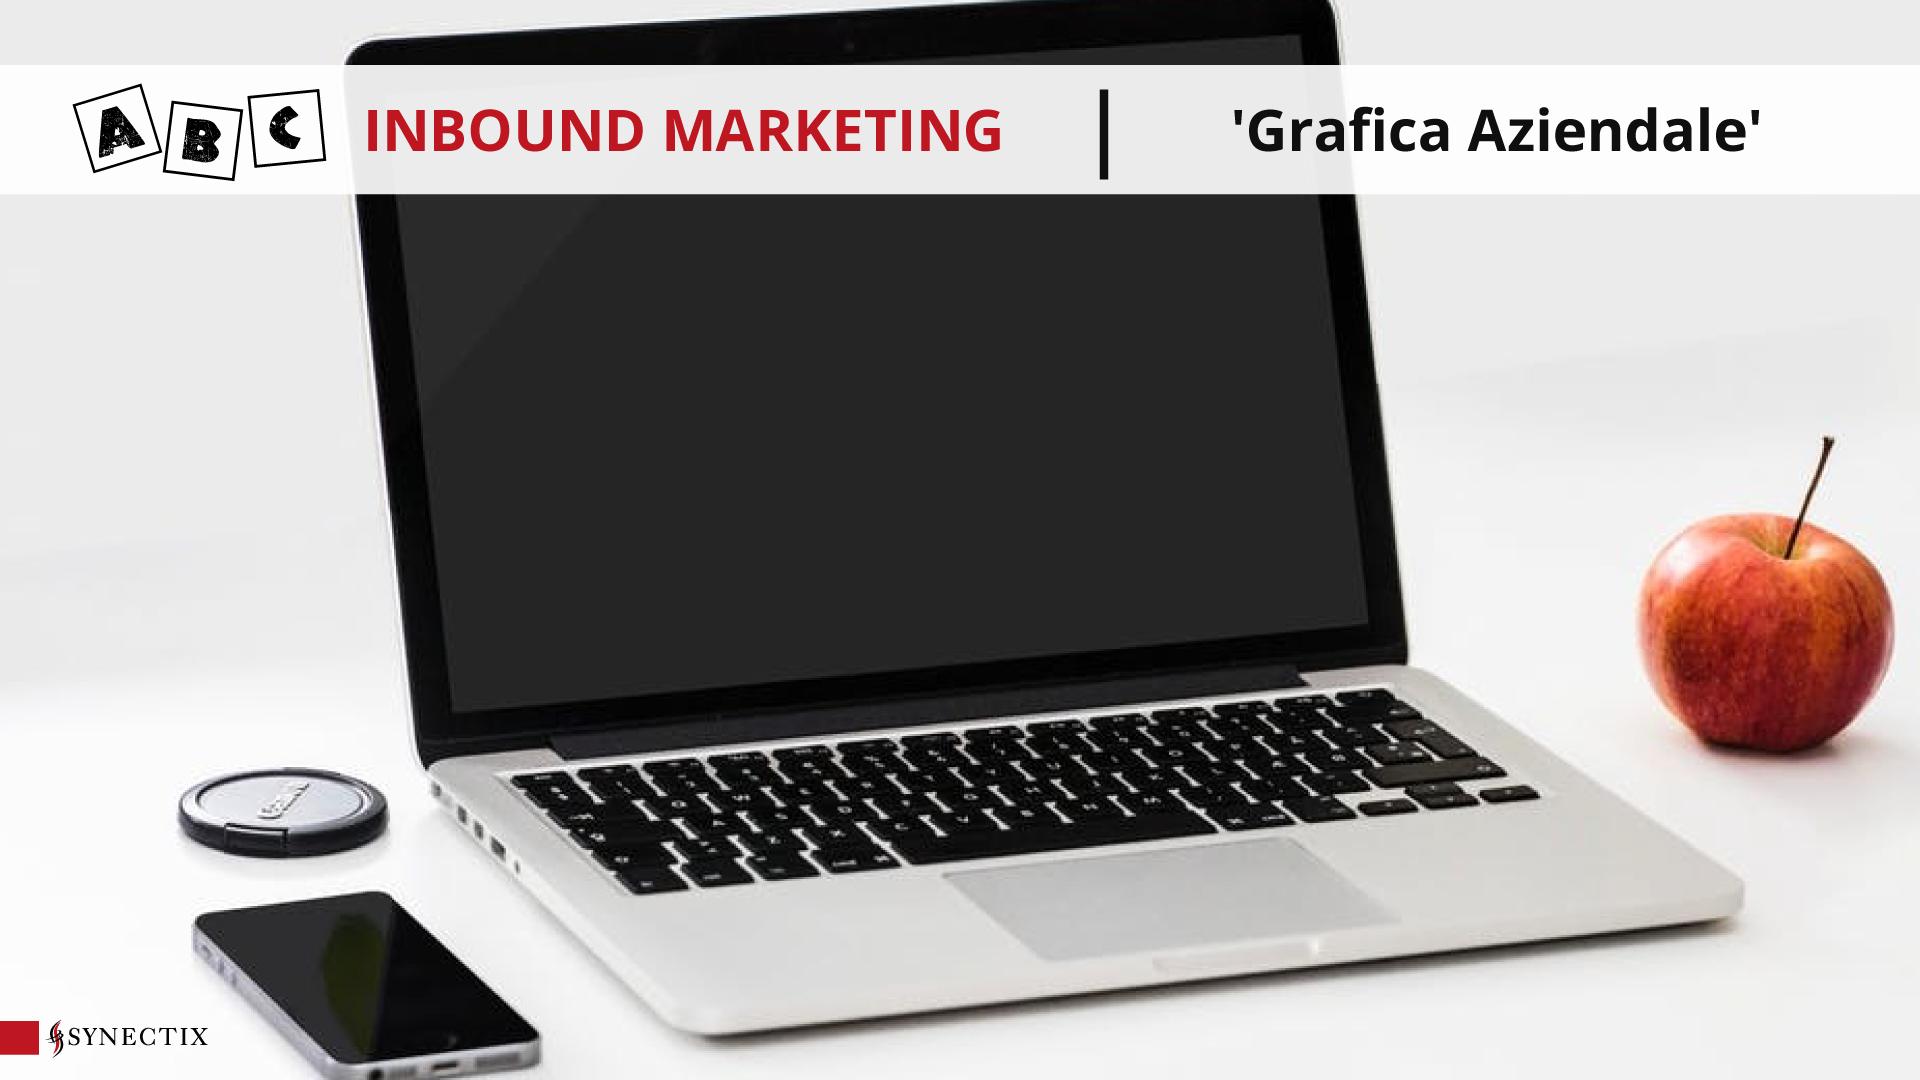 G come Grafica Aziendale – ABC Inbound Marketing